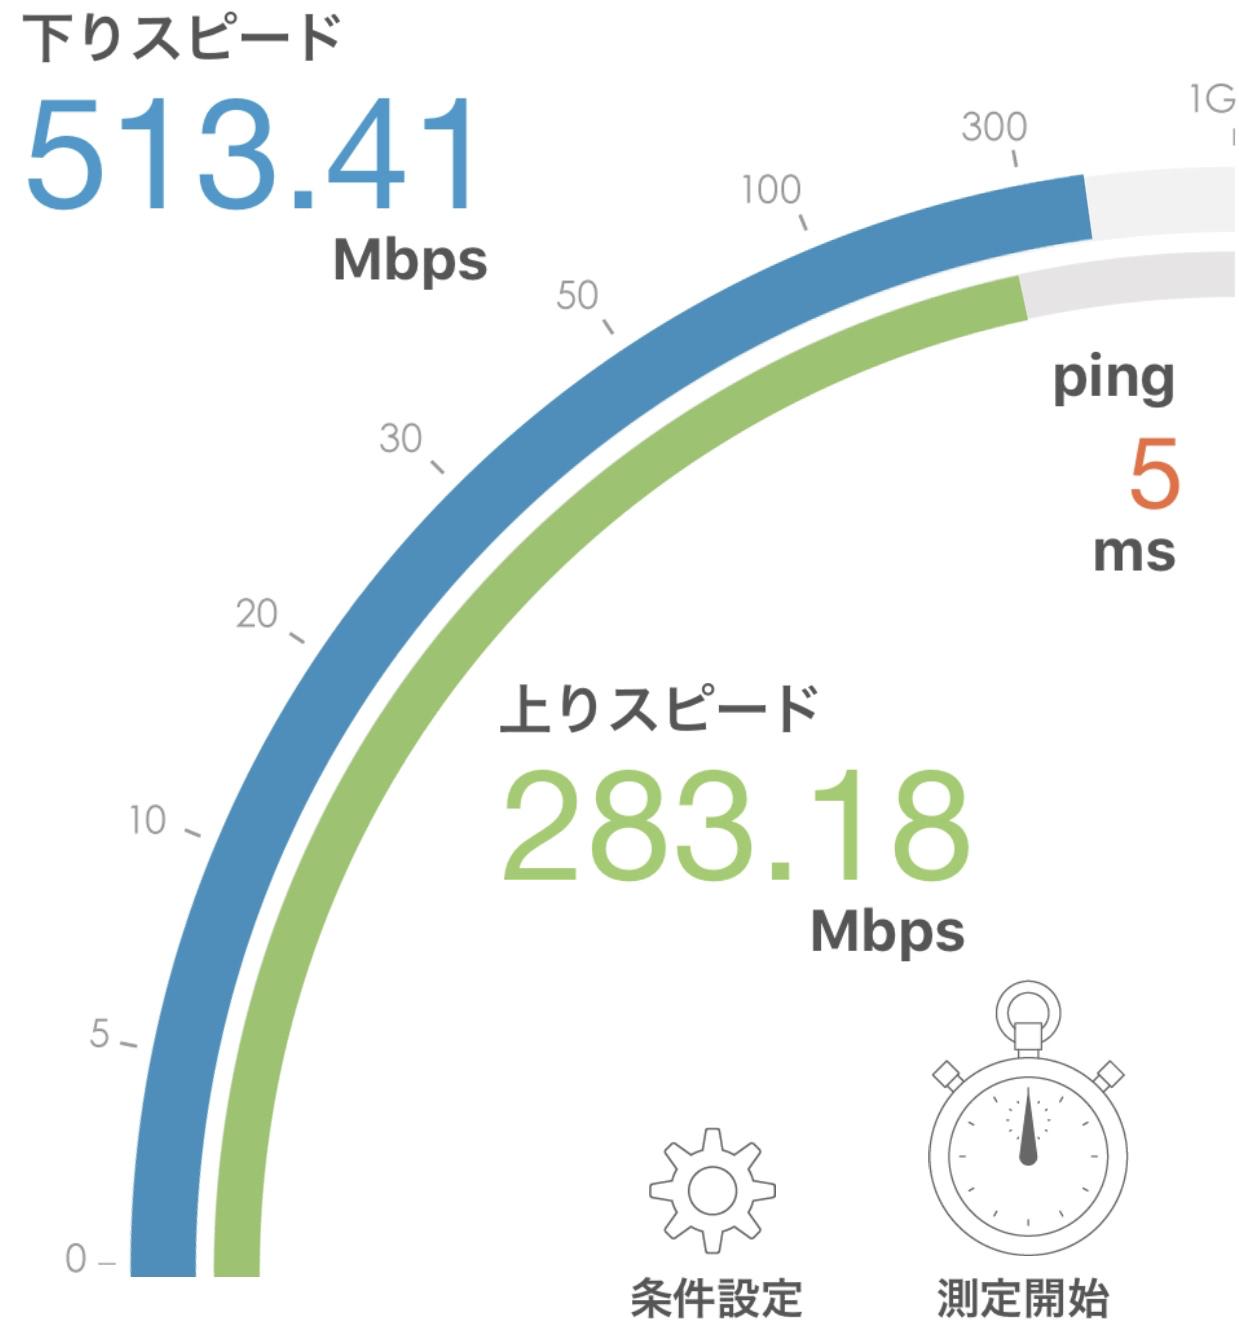 ニューロ光 Wi-Fi実測 2018年3月 計測結果